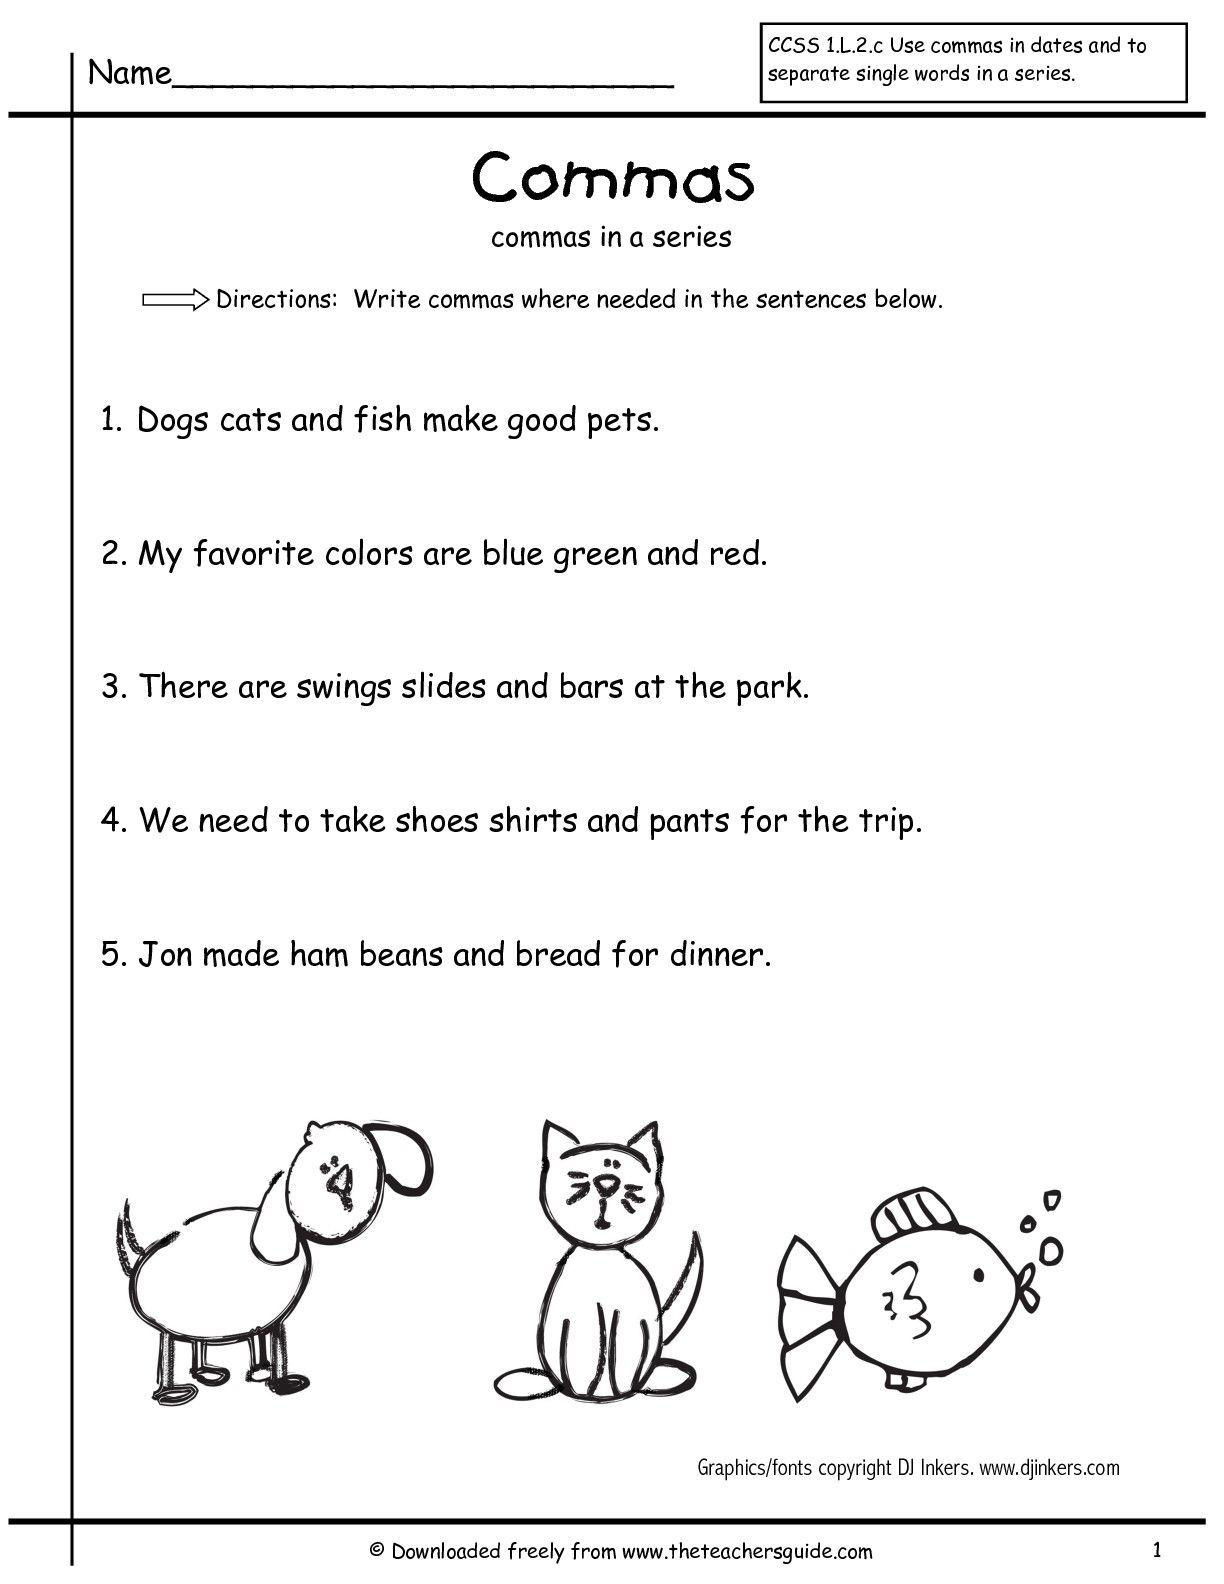 Free 1St Grade Grammar Worksheets Pictures 1st Grade